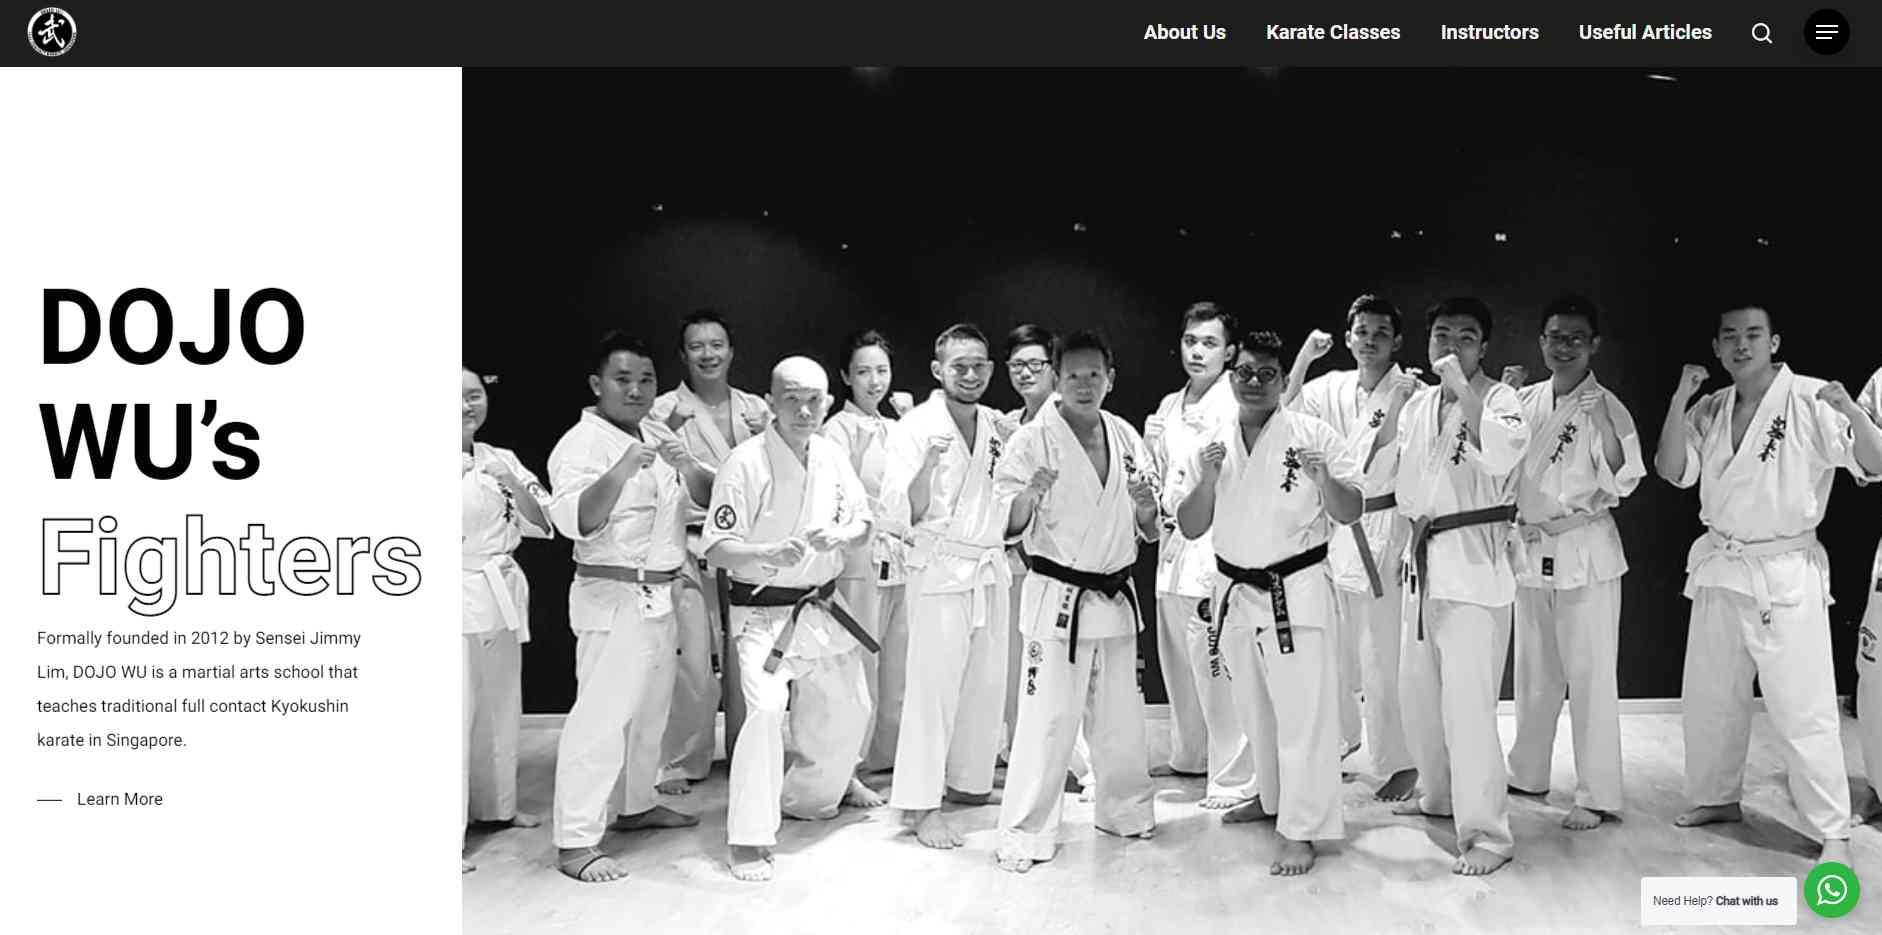 Dojo wu Top Karate Classes in Singapore